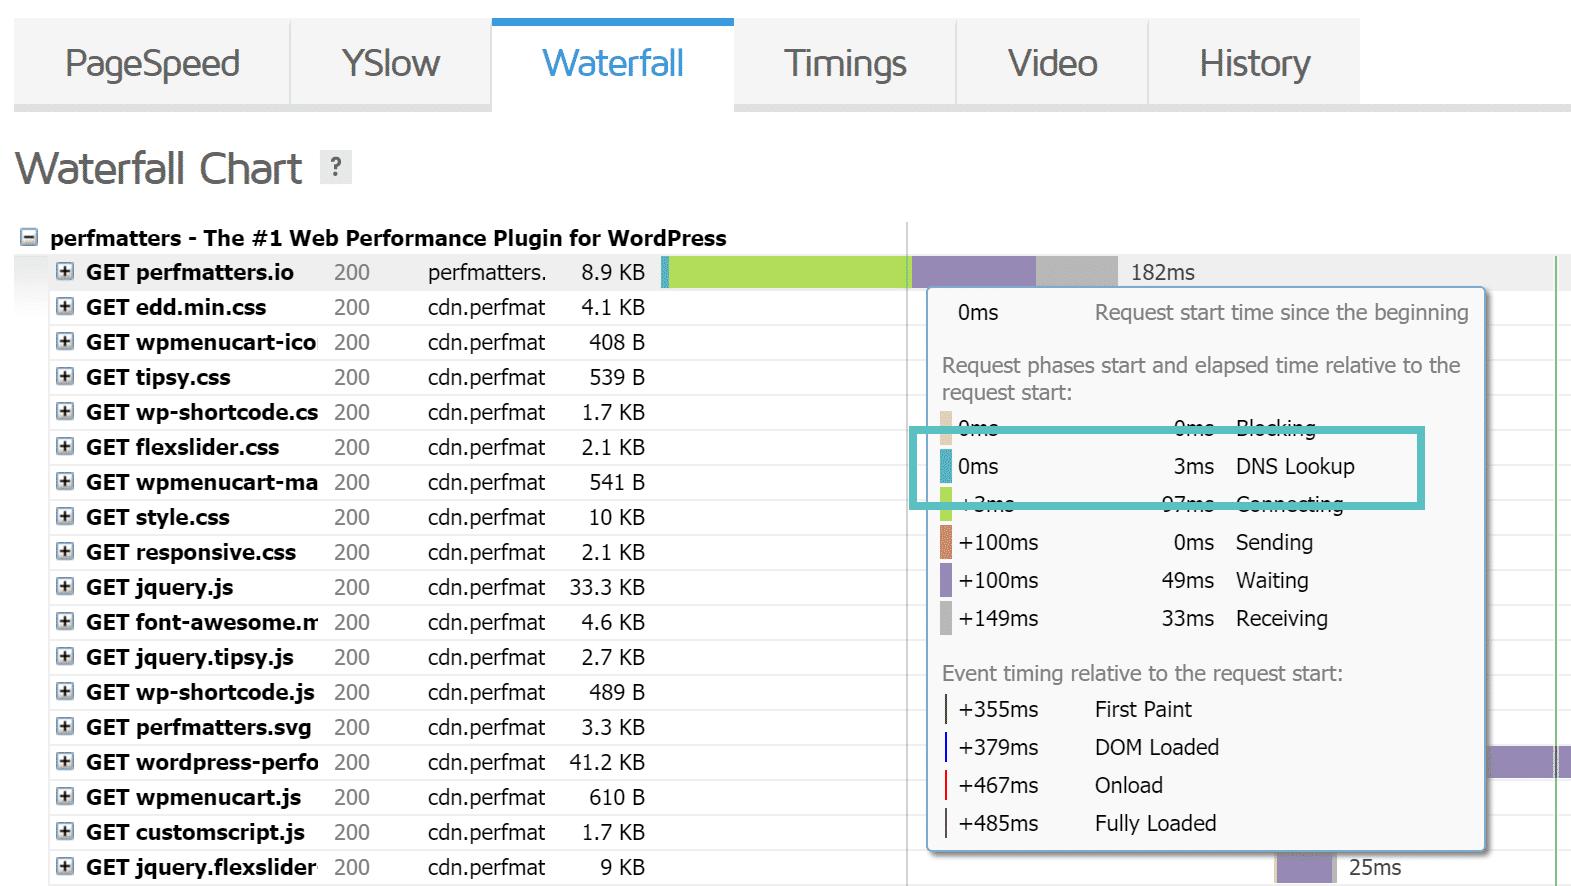 Secondo lookup del DNS in GTmetrix